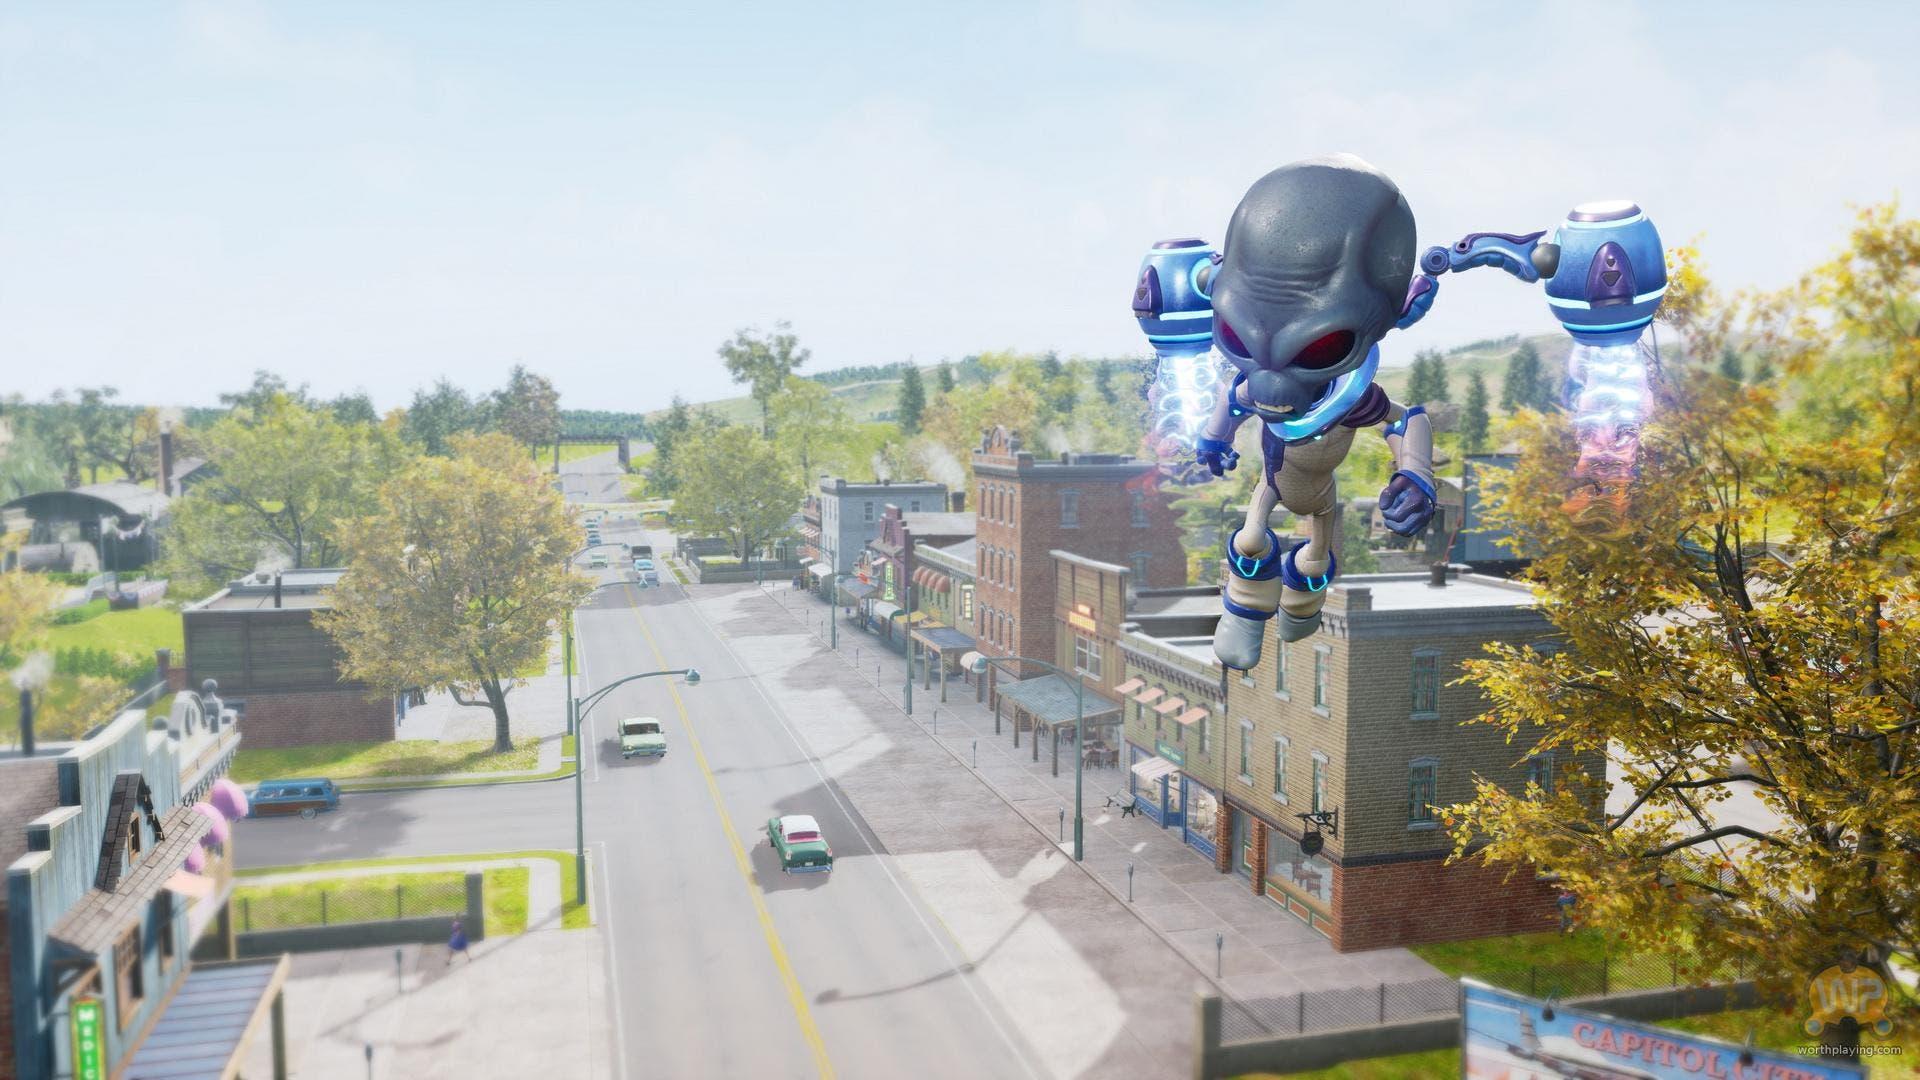 Imagen de El remake de Destroy All Humans! luce una comparativa respecto al original